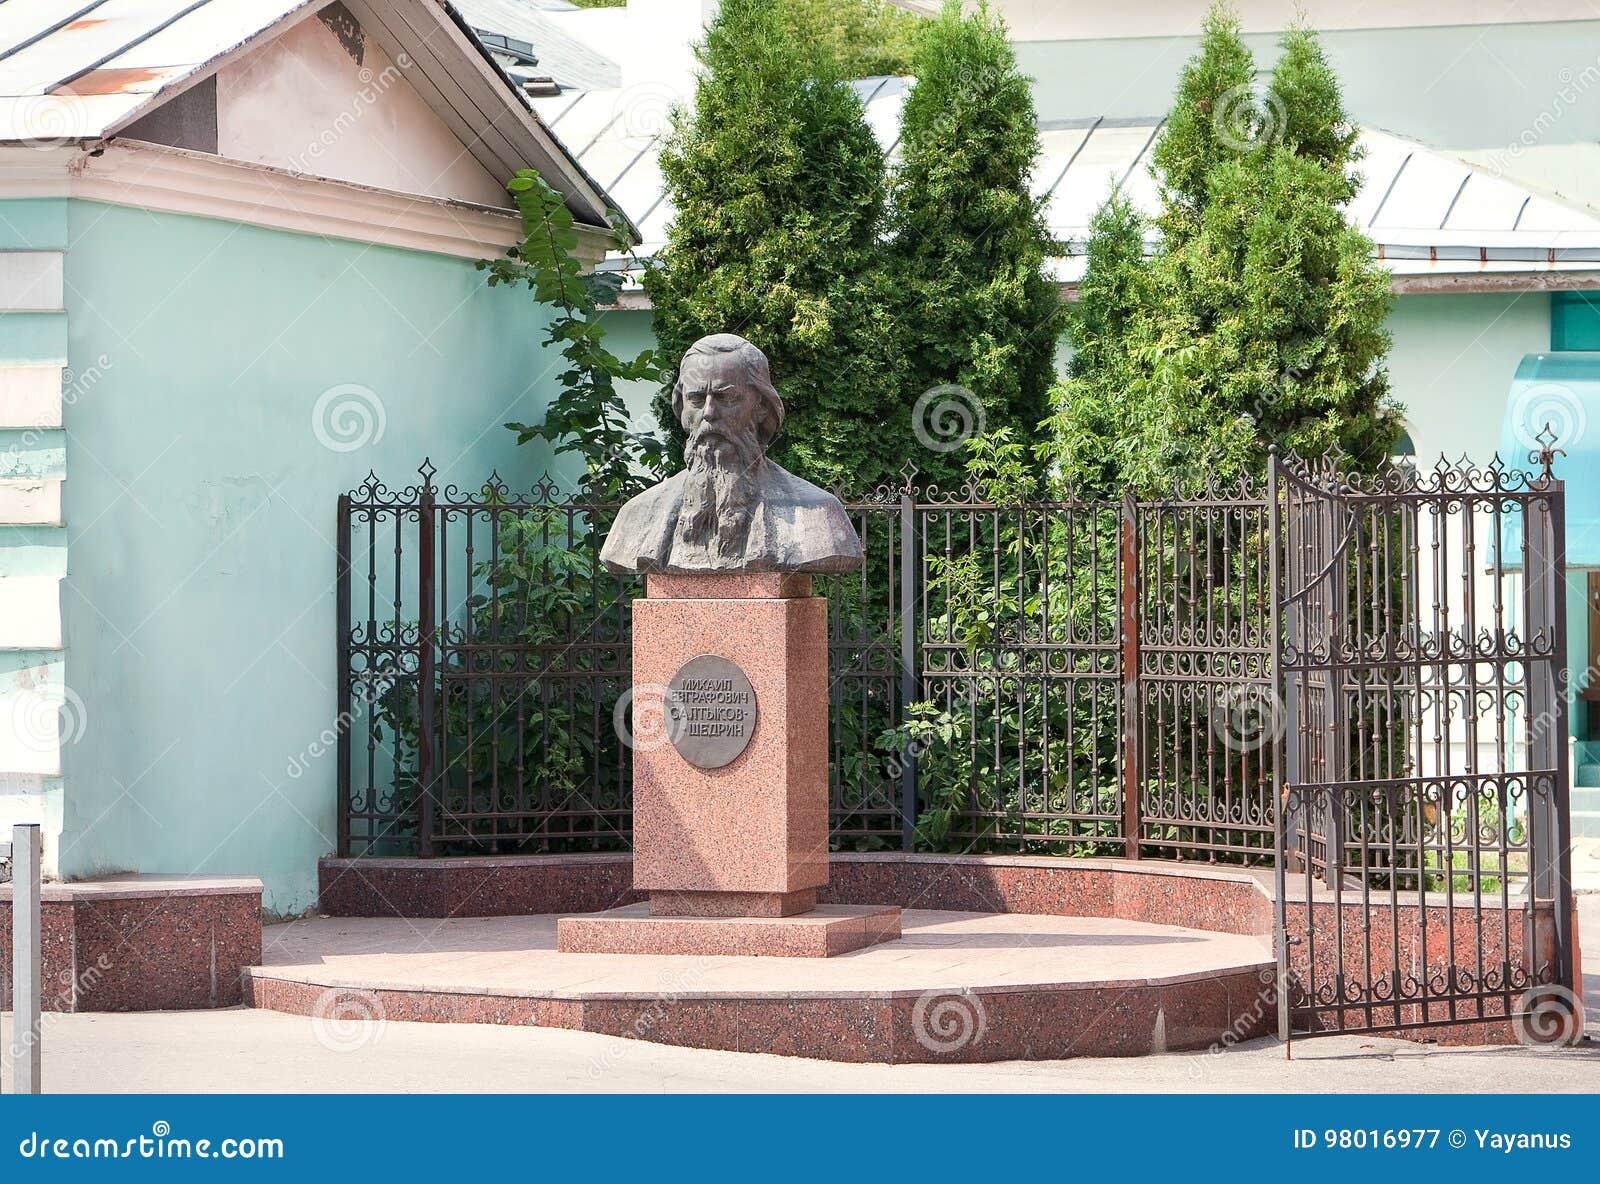 Zabytek sławny Rosyjski satyryk Mikhail Evgrafovich Saltykov-Shchedrin w Ryazan, Rosja